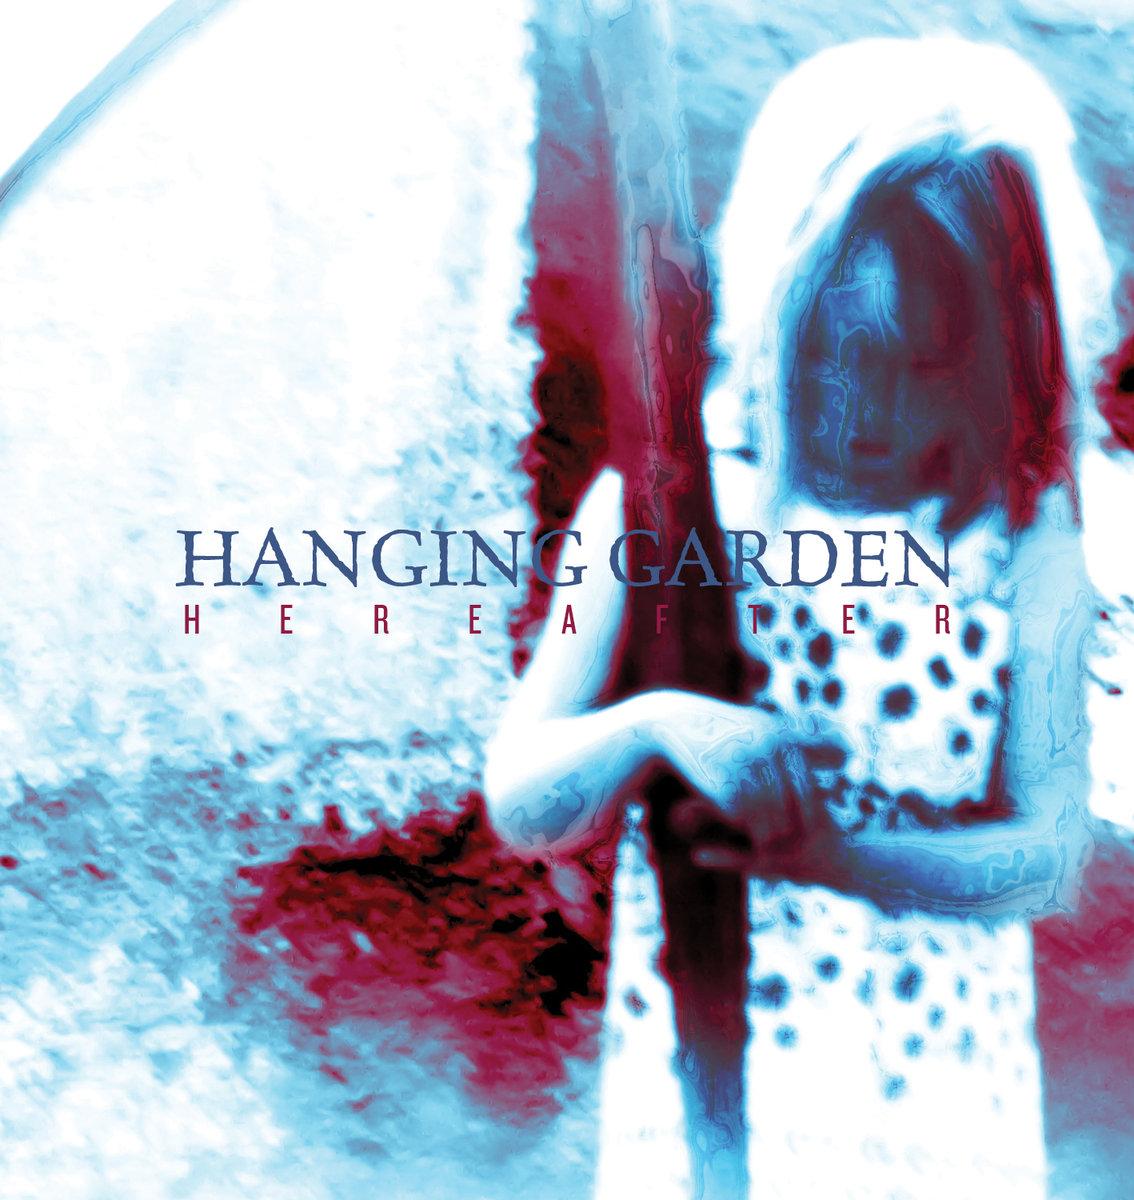 Hanging Garden HEREAFTER